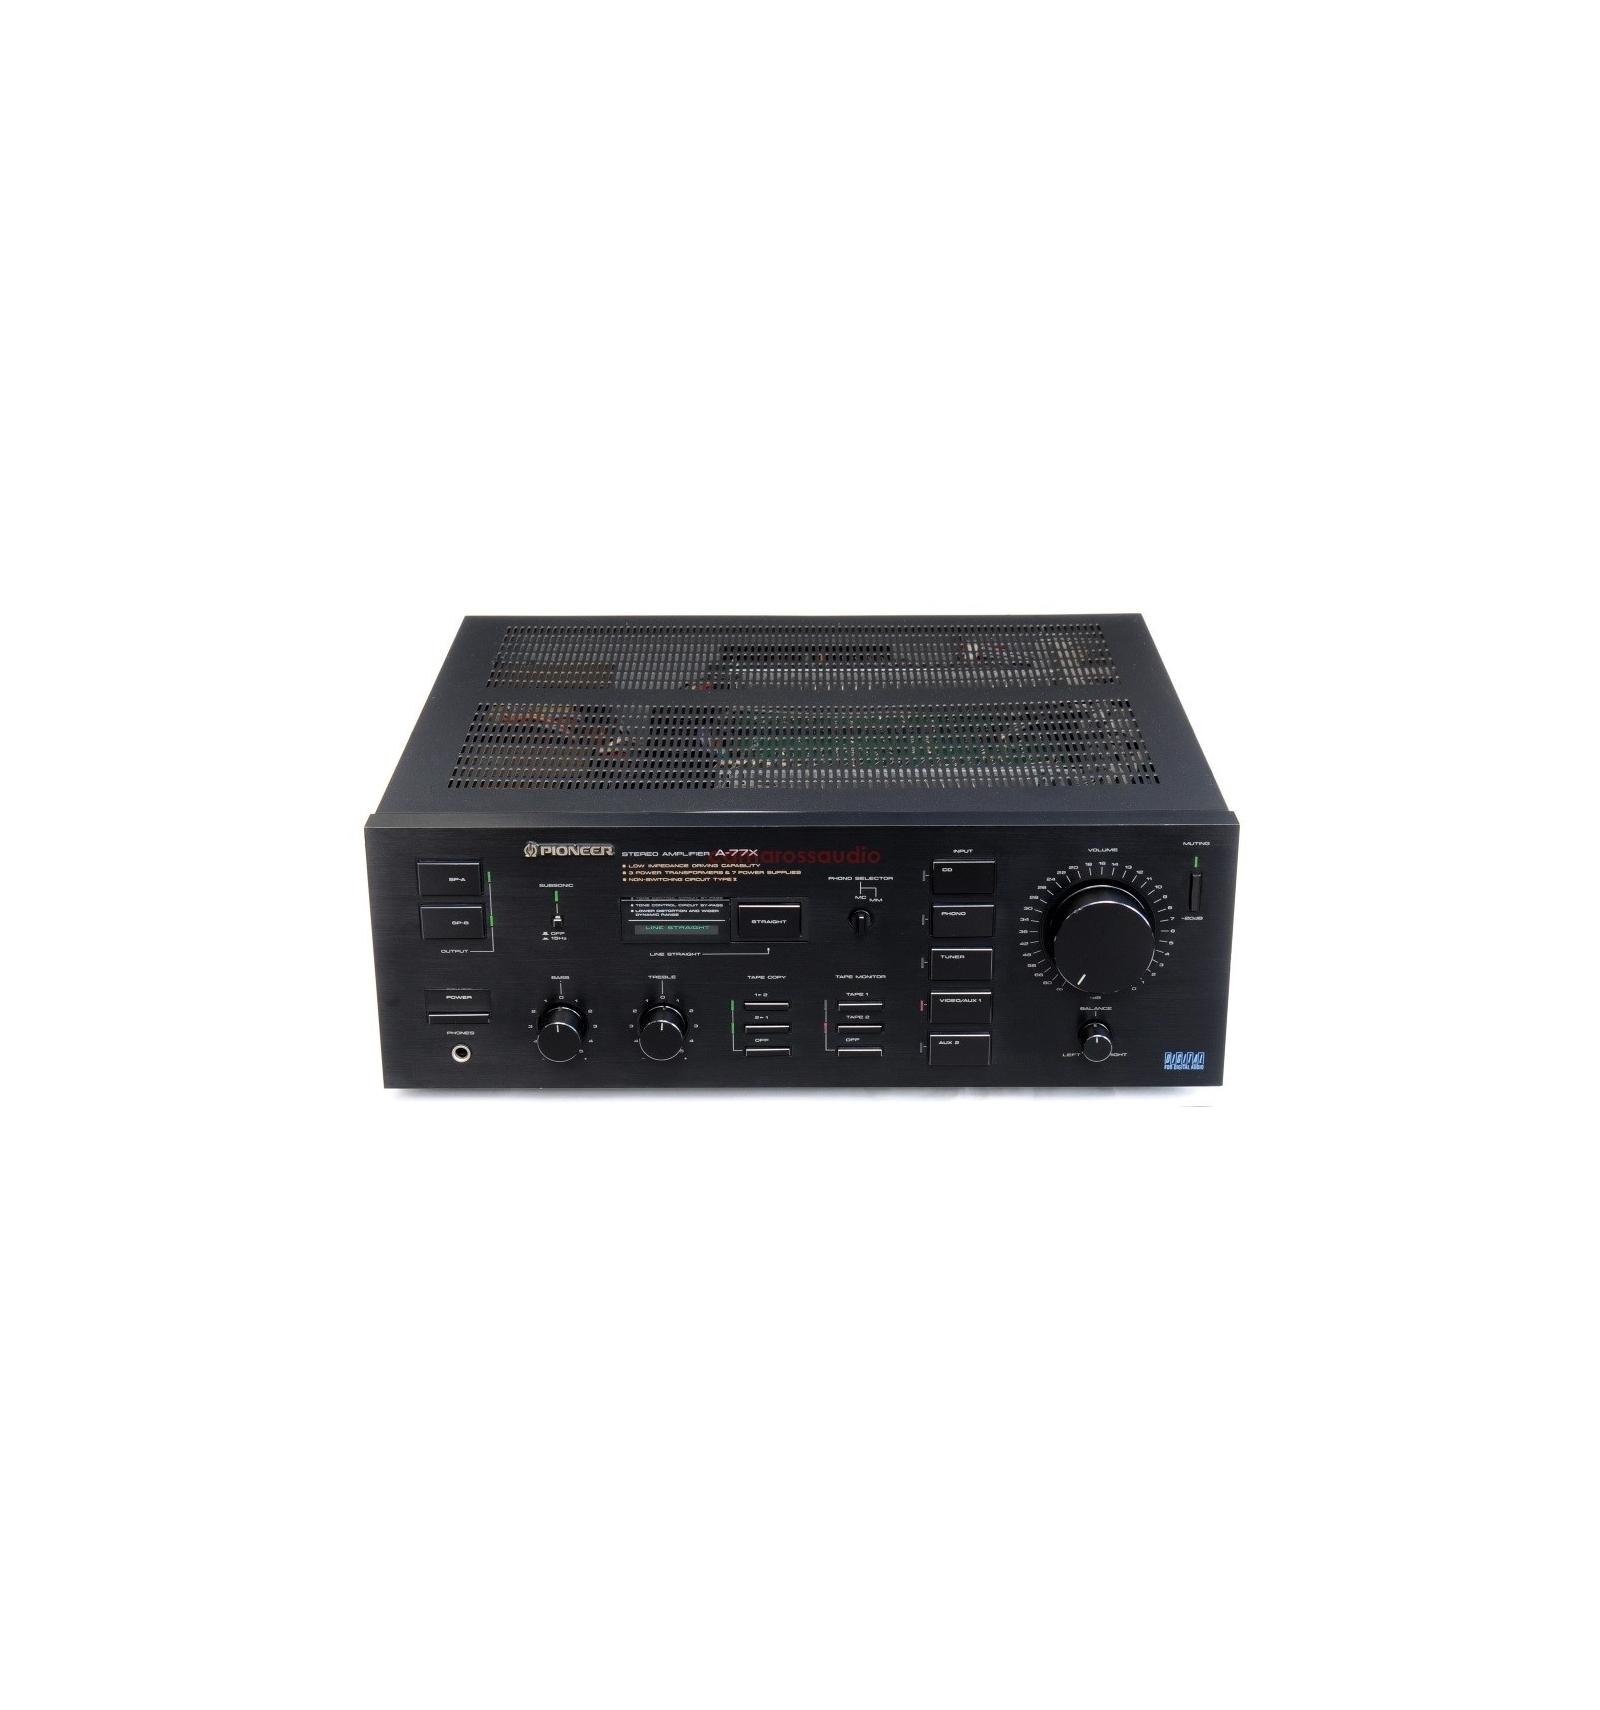 Pioneer A 77x Camaross Audio Hifi High Detail